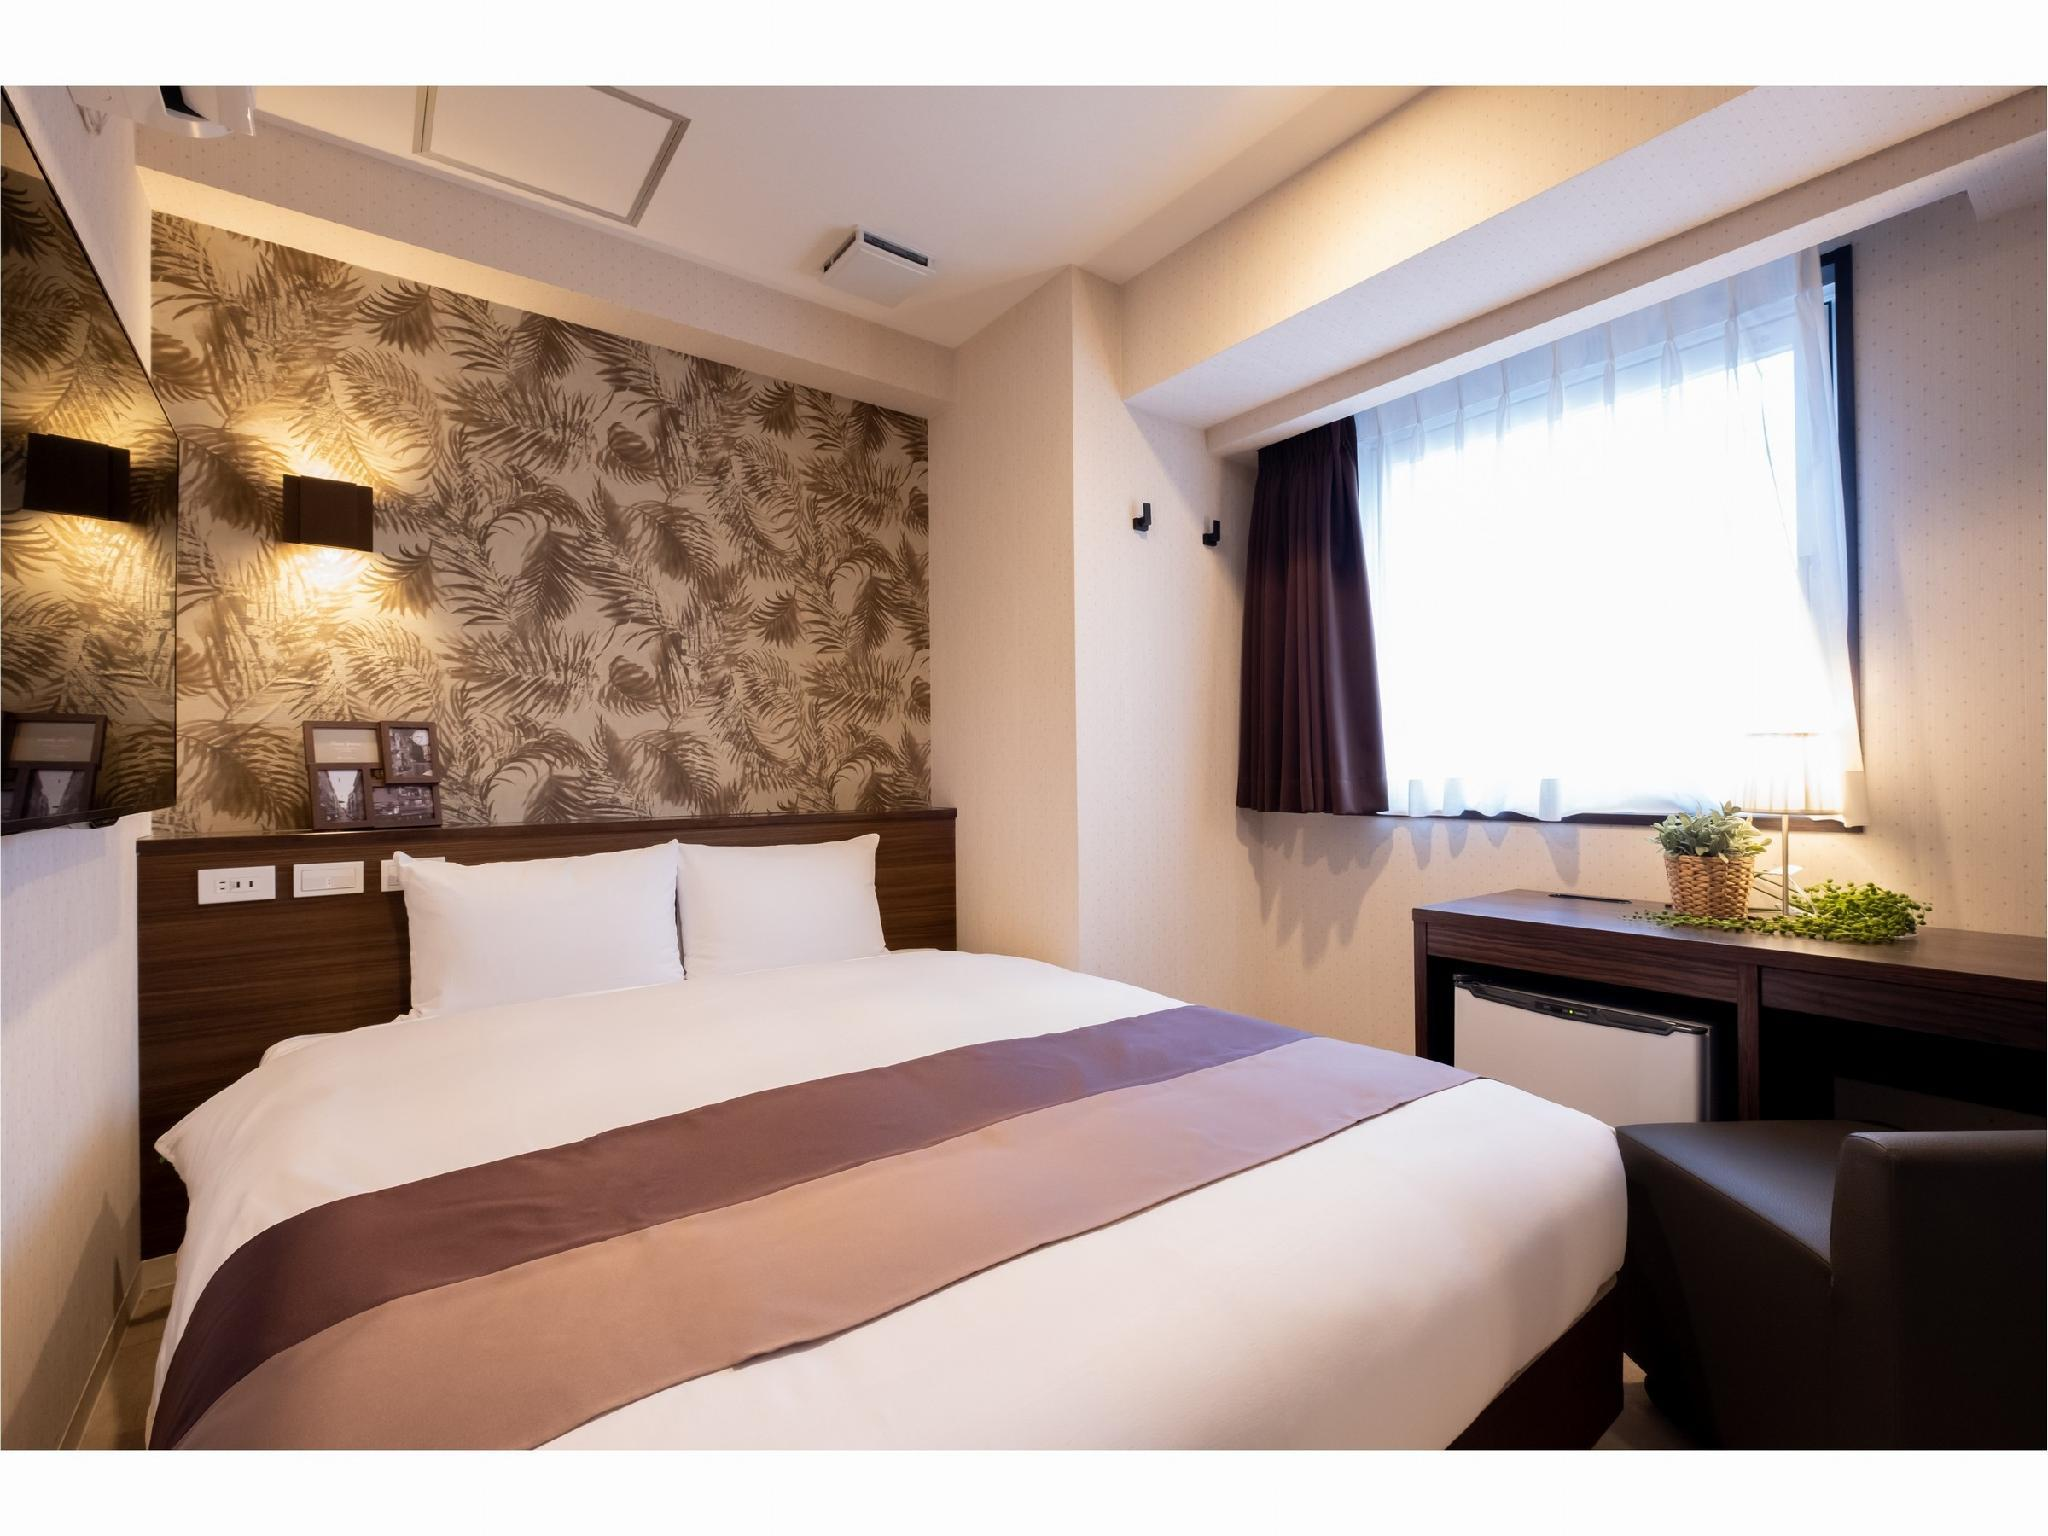 Tanimachi LUXE HOTEL, Osaka